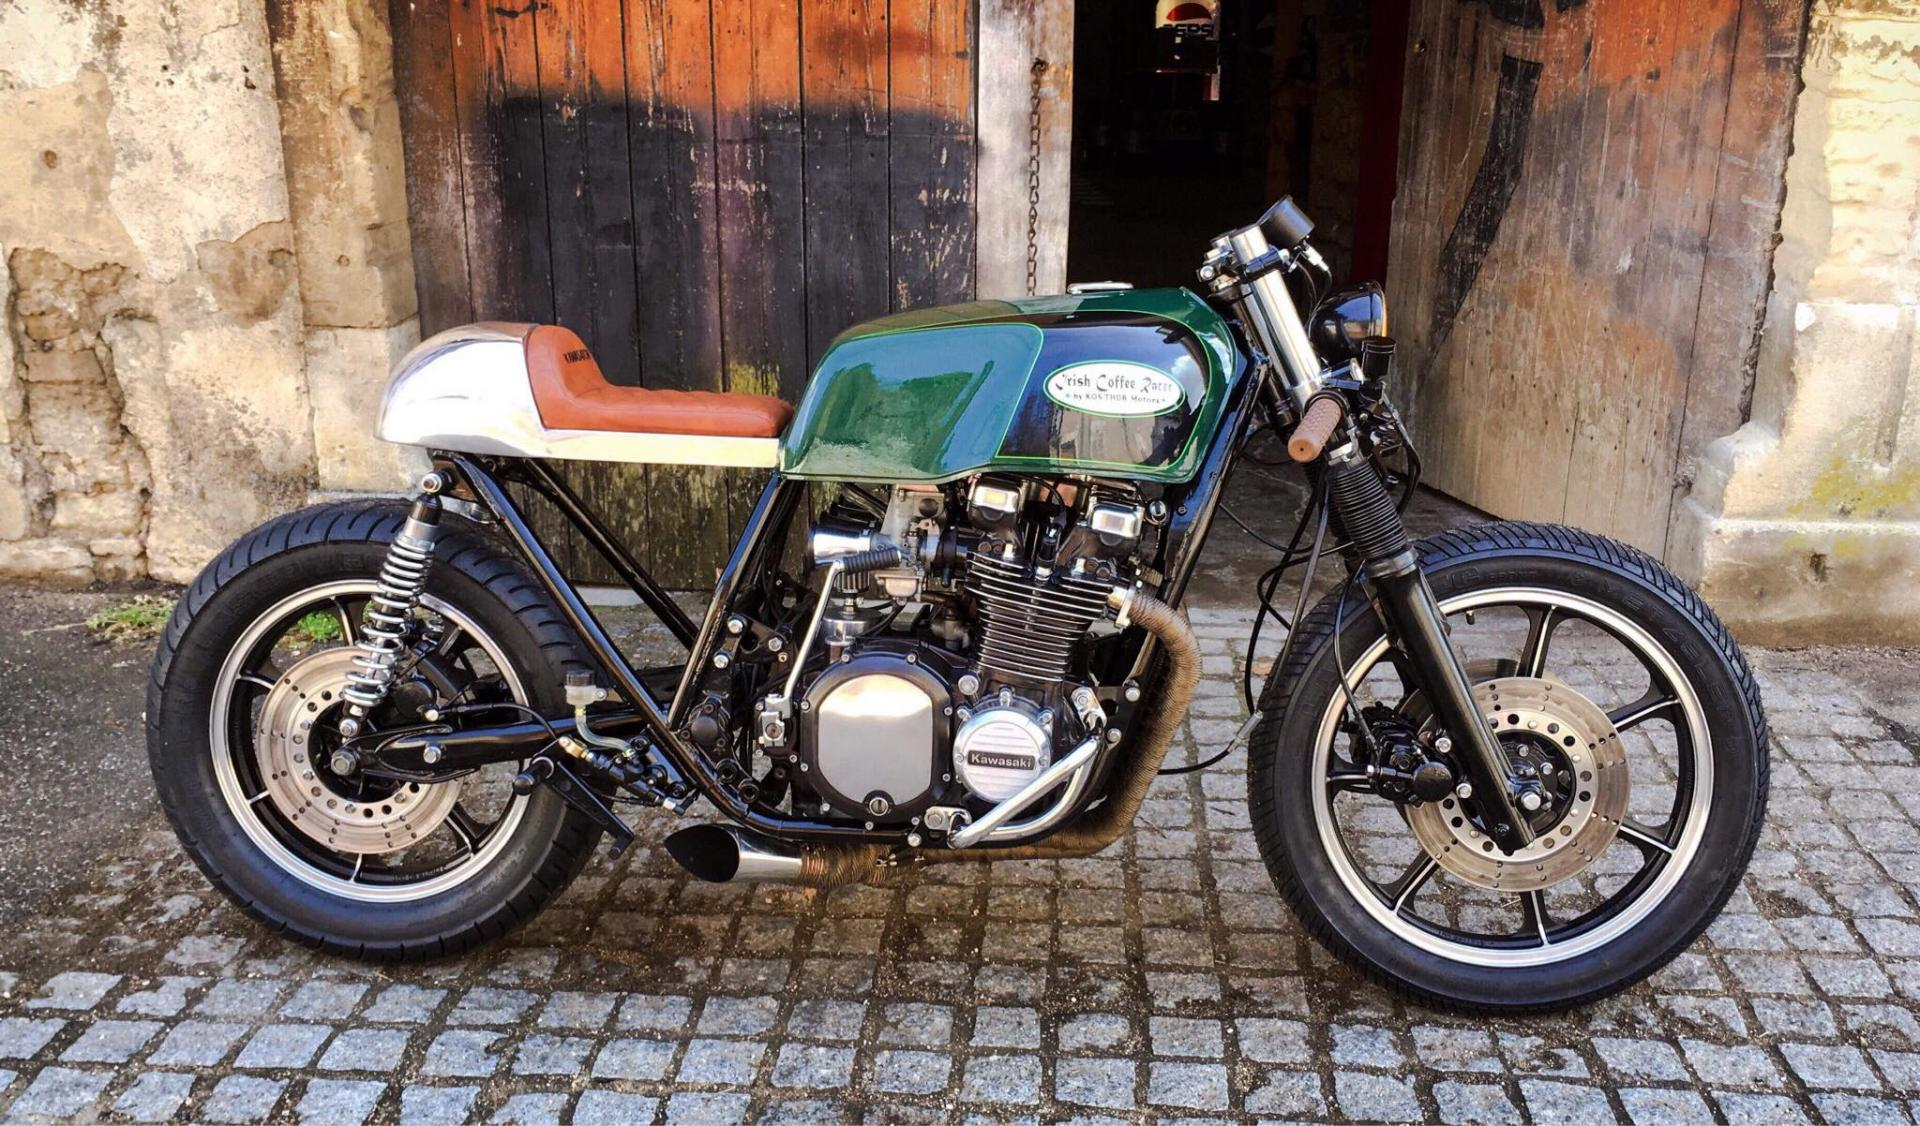 KZ1000 ST 1980